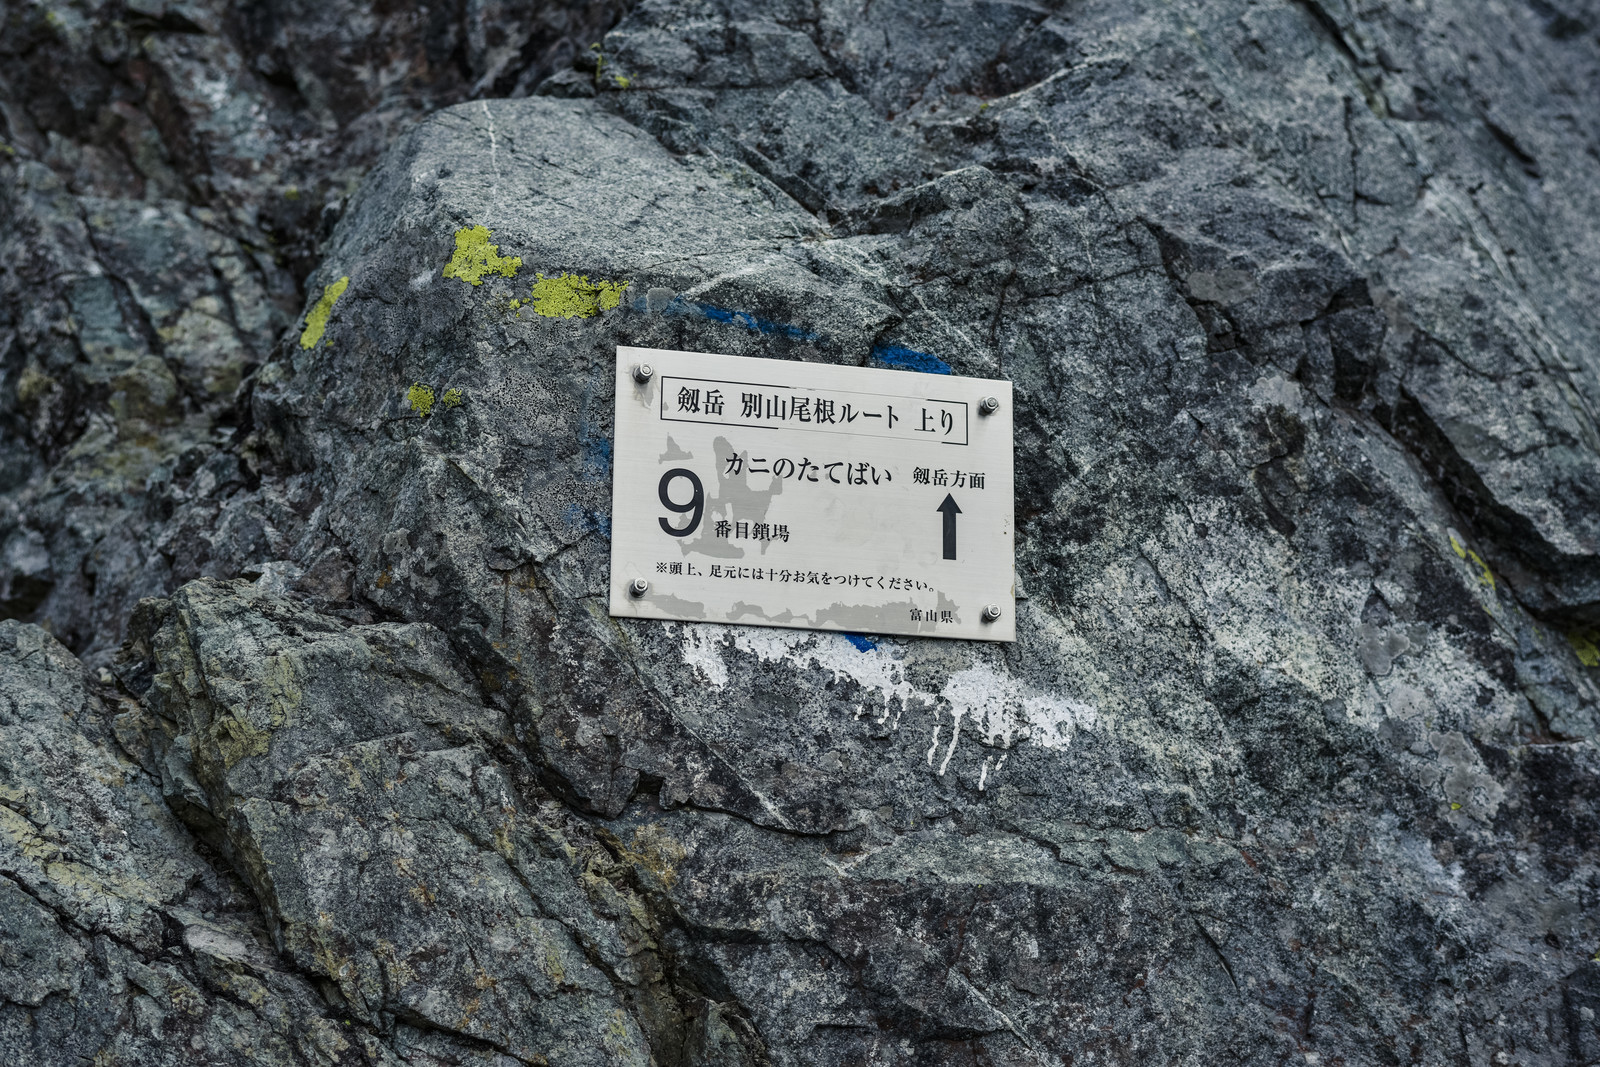 「剱岳別山尾根に取り付けられた案内板」の写真